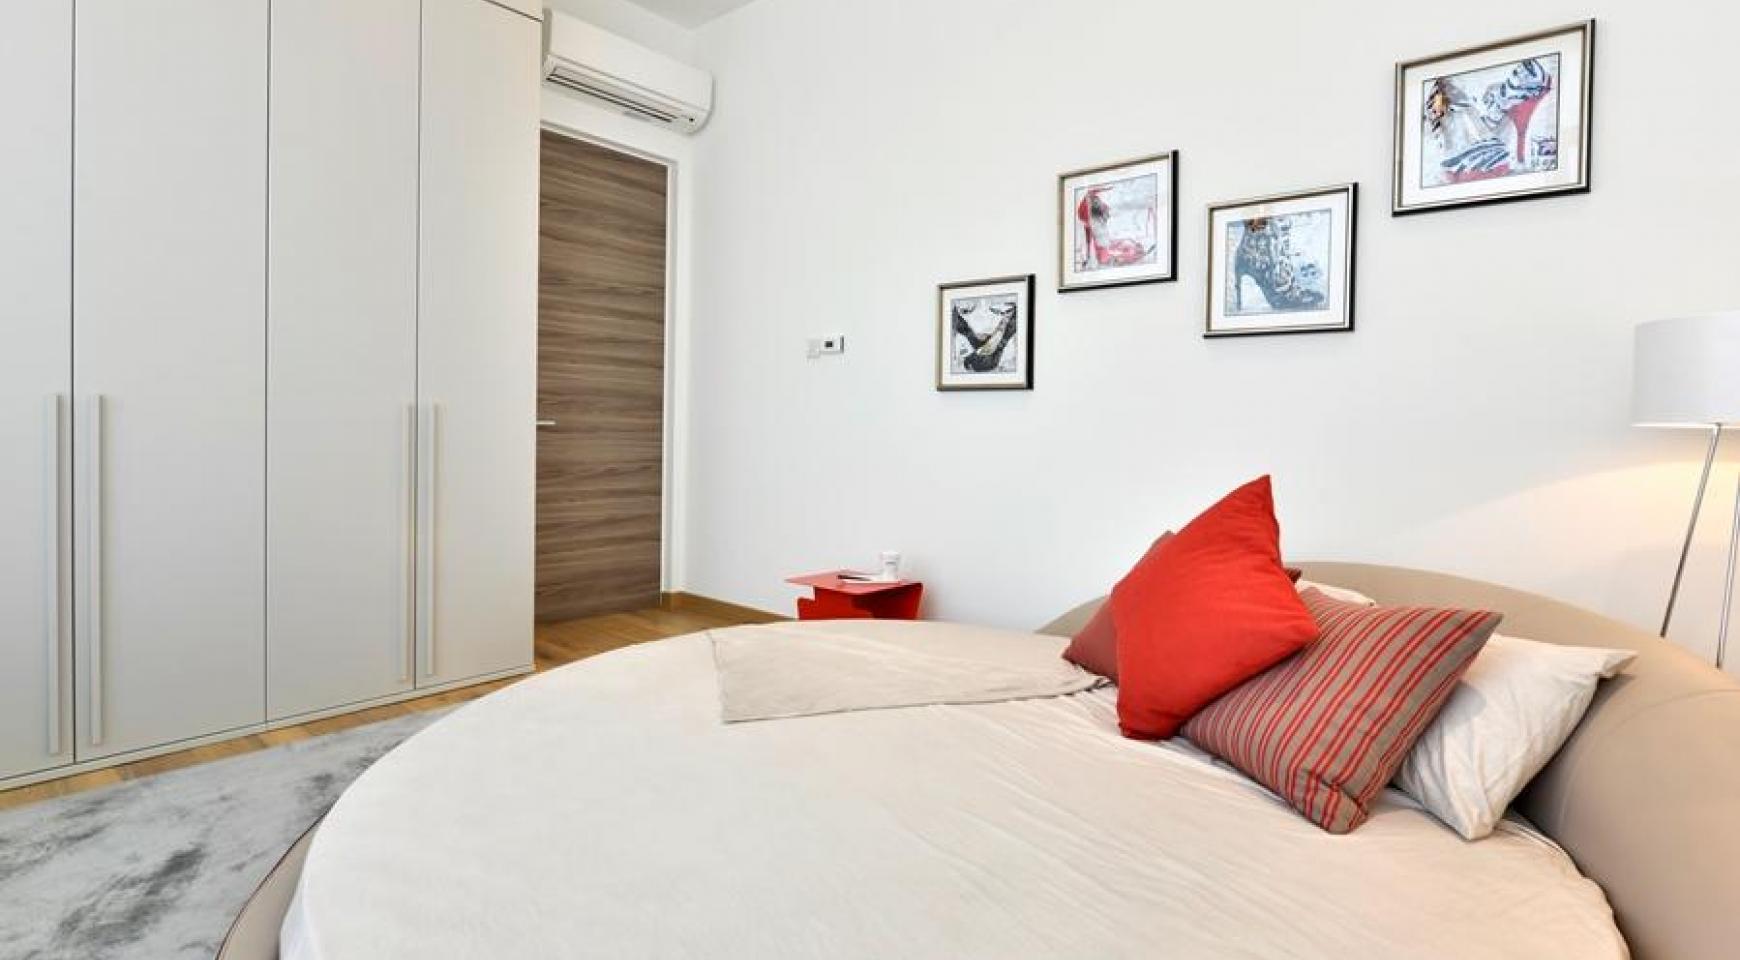 Πολυτελές διαμέρισμα 2 υπνοδωματίων με ταράτσα στο νεόδμητο συγκρότημα - 22